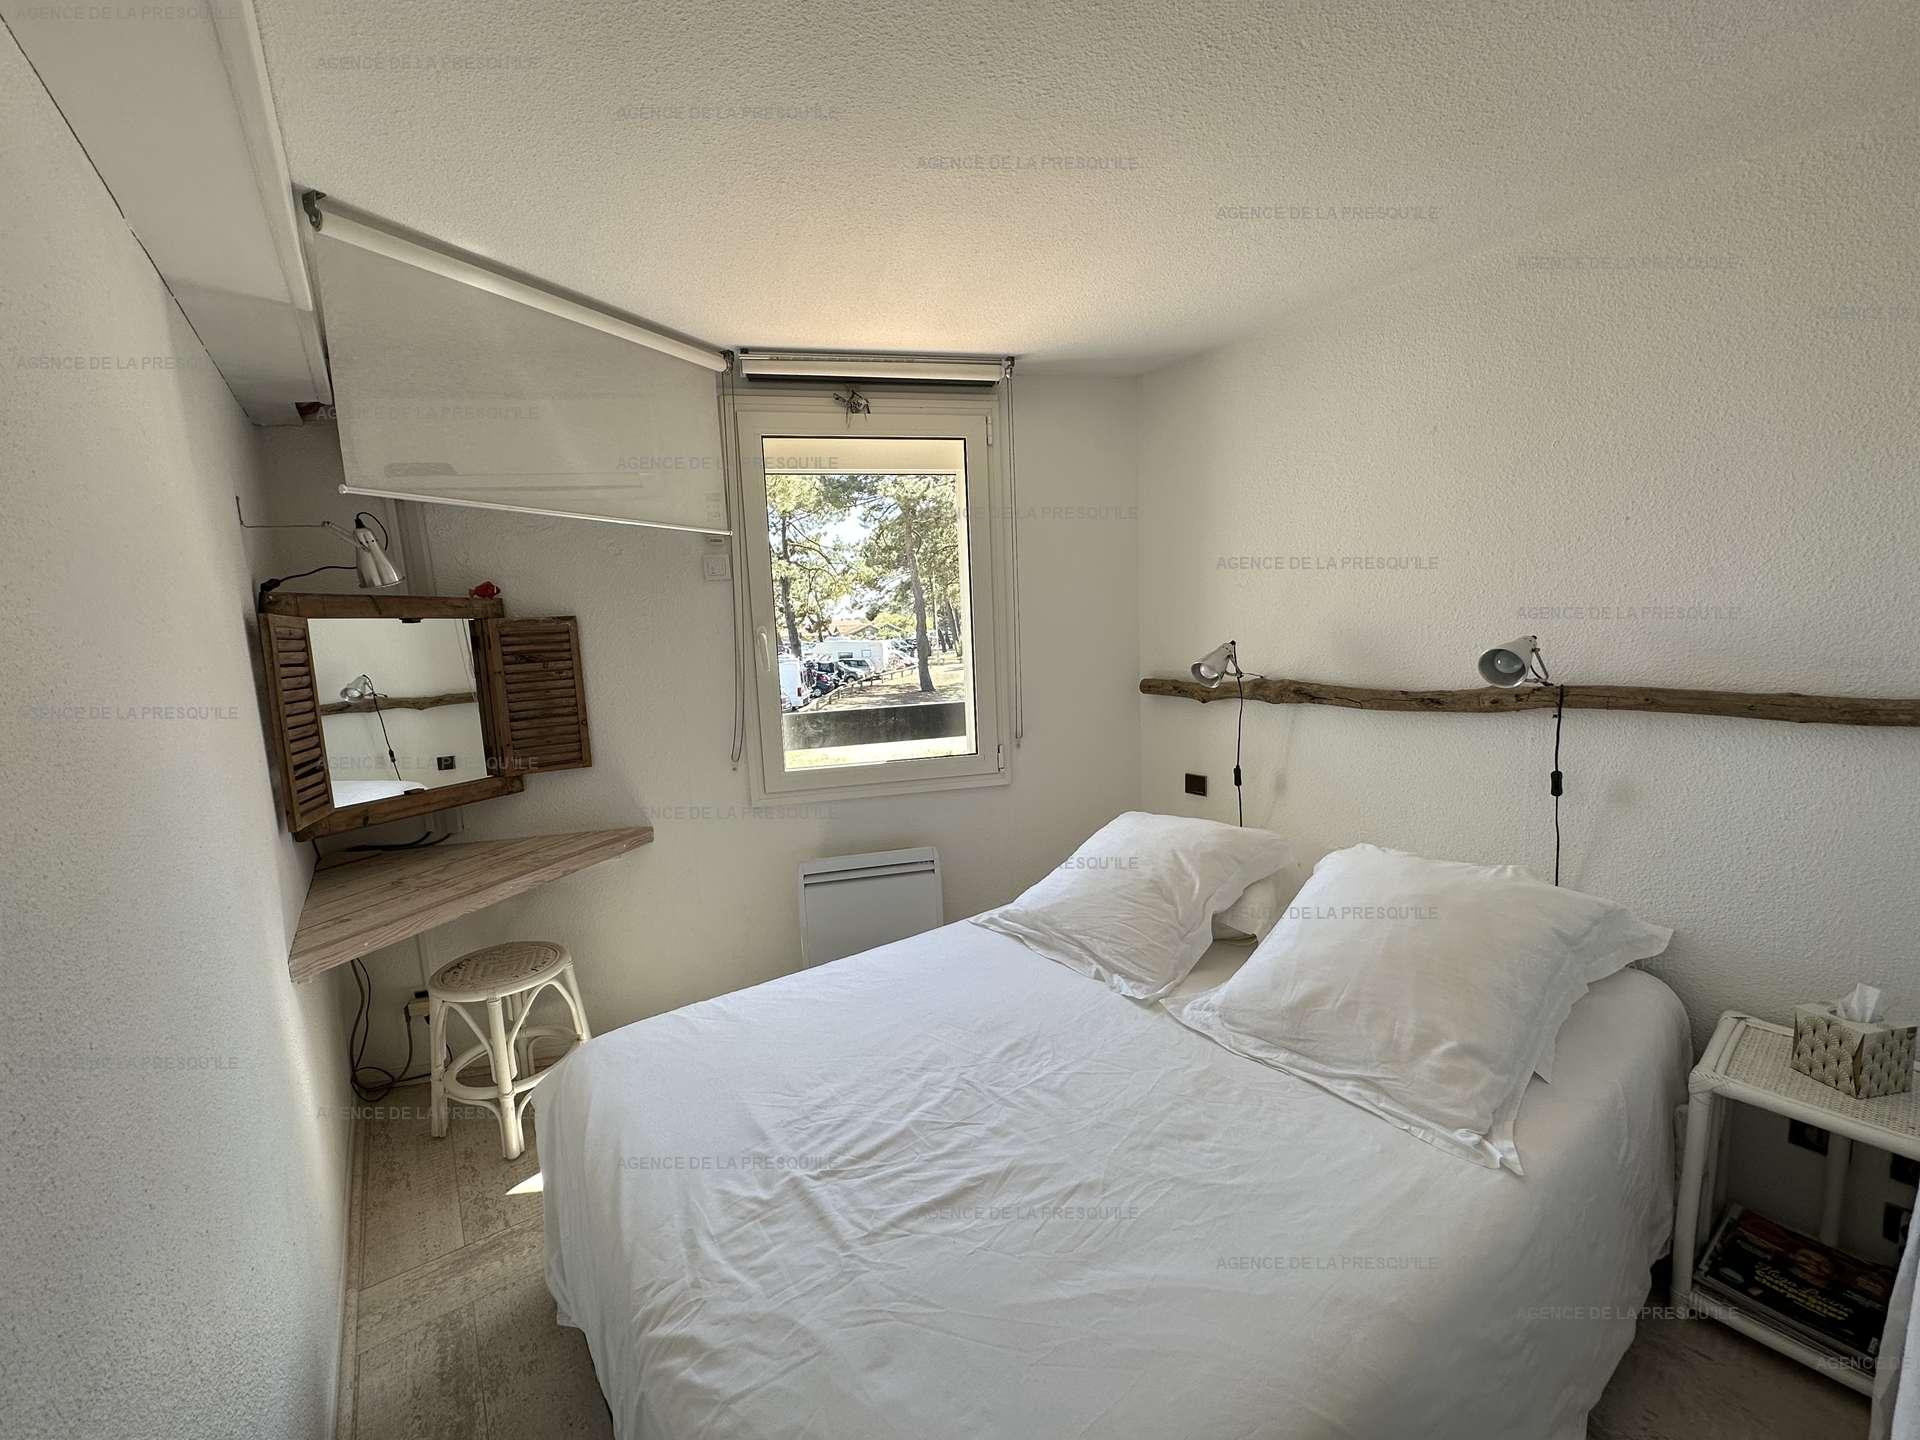 Location: Très bel appartement avec vue bassin 6